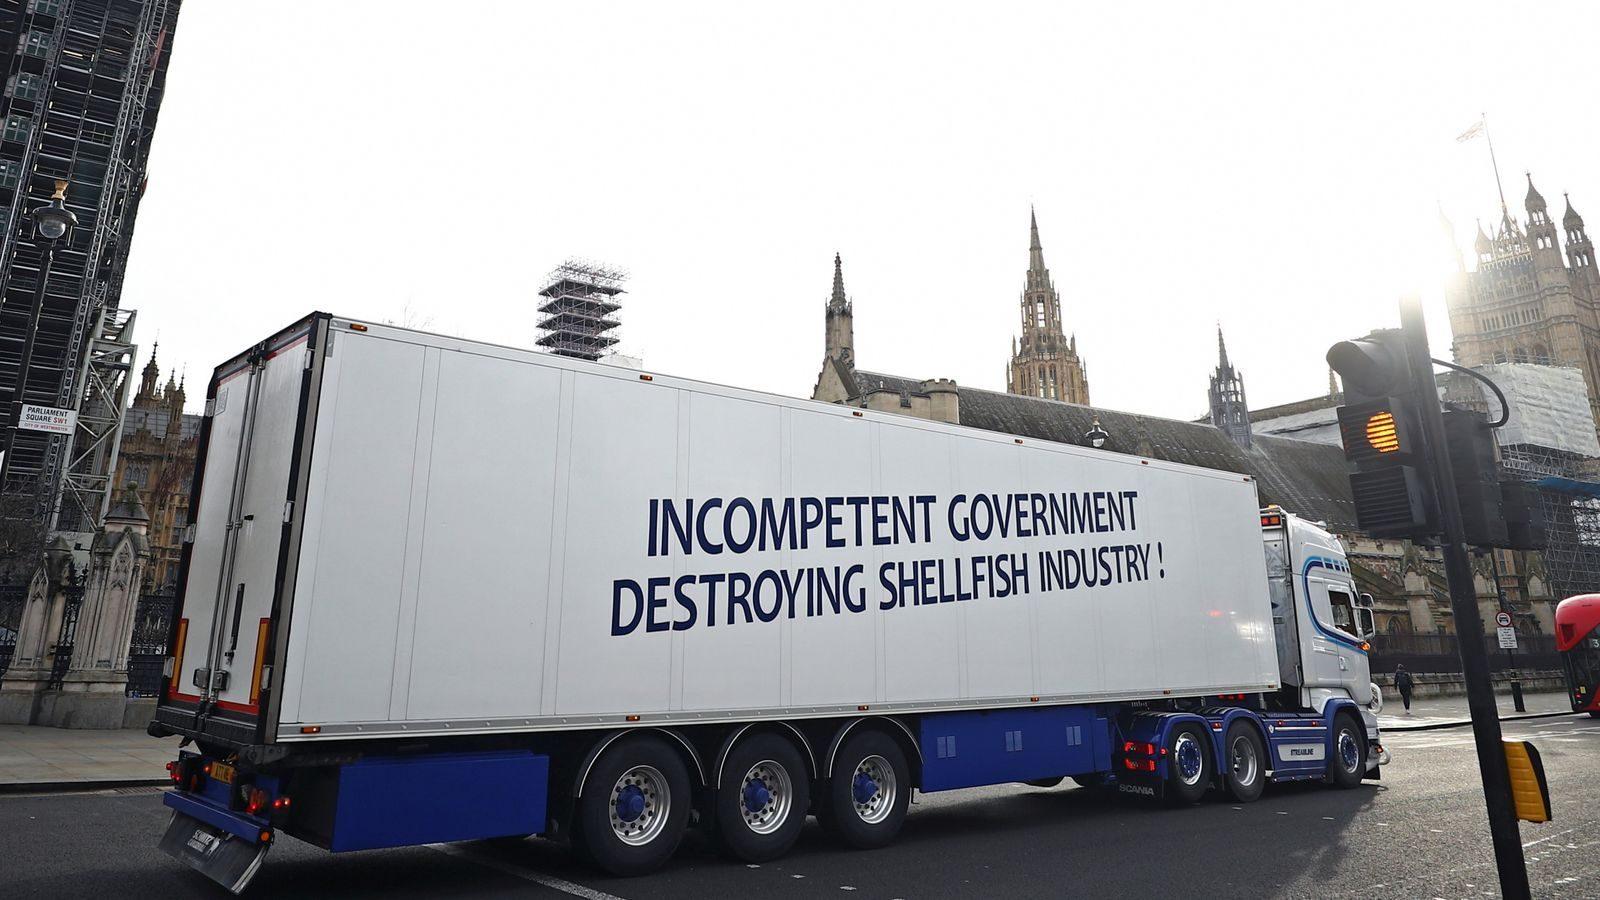 Brexit Reino Unido – camiões de mariscos estacionam perto de Downing Street